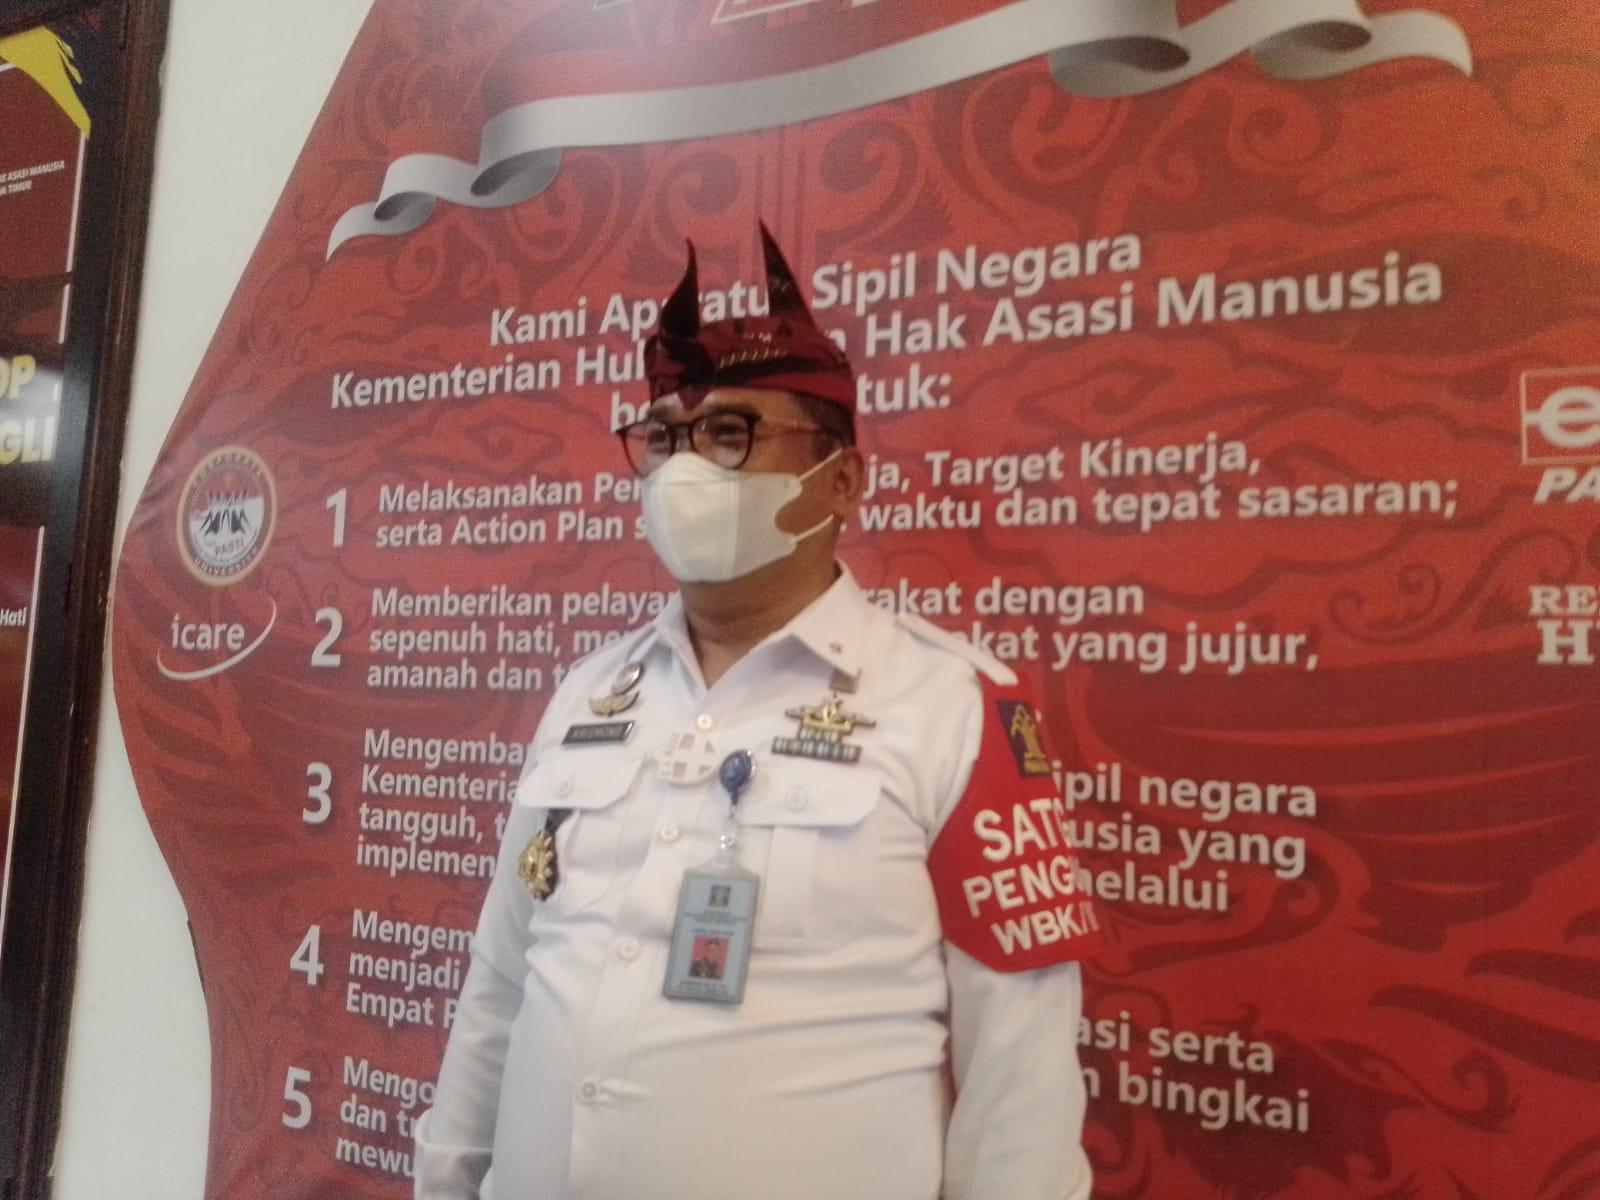 Kepala Kantor Wilayah (Kakanwil) Kementerian Hukum dan Hak Asasi Manusia (Kemenkum HAM) Provinsi Jawa Timur Krismono diwawancarai terkait Deklarasi Janji Kinerja 2021 dan Pencanangan Integritas Menuju Wilayah Bebas dari Korupsi (WBK) dan Wilayah Birokrasi Bersih dan Melayani (WBBM) Kamis (04/02/2021). (Foto: Rangga Aji/Tugu Jatim)